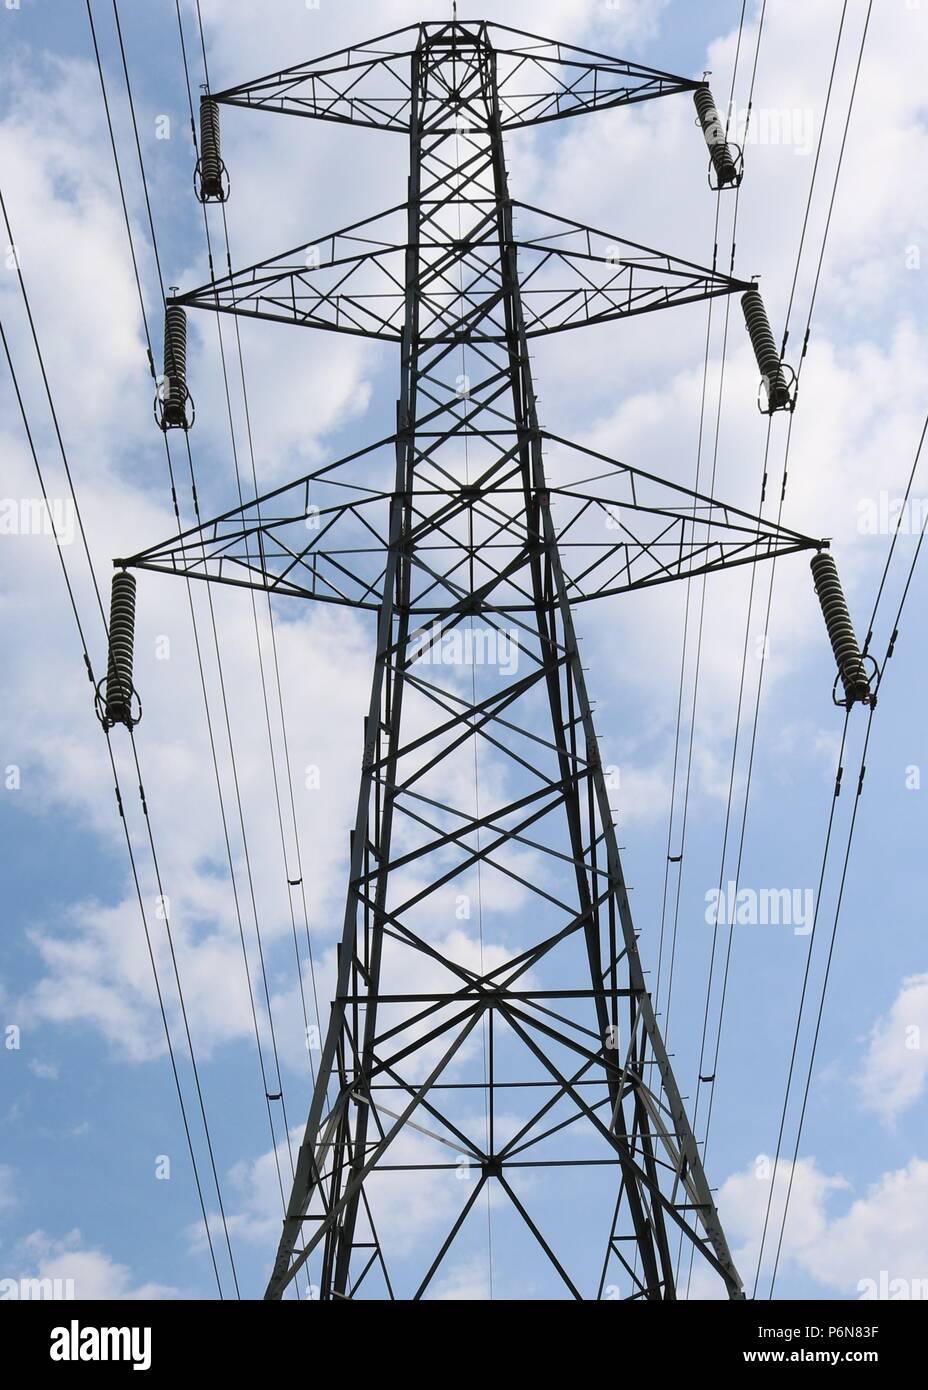 Electricity Pylons Kent Stock Photos & Electricity Pylons Kent Stock ...